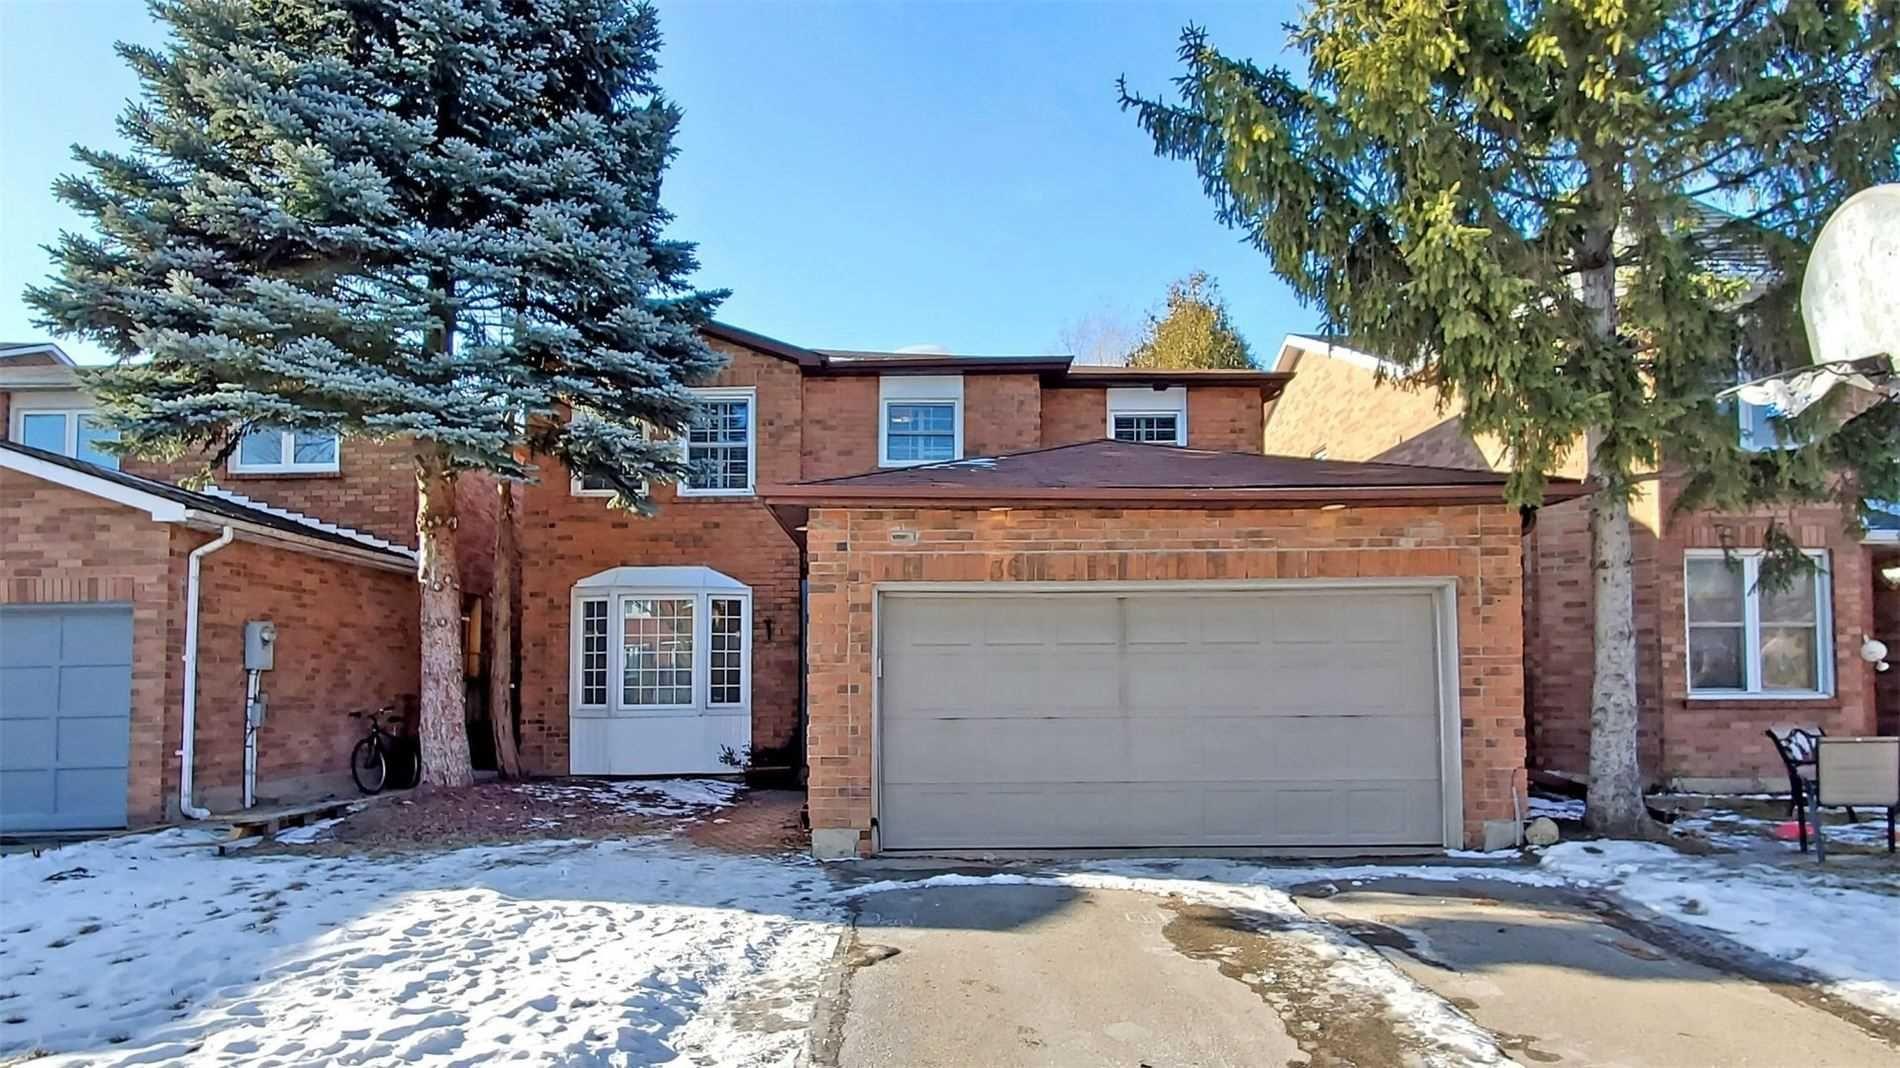 Main Photo: 36 Millcroft Way in Vaughan: Brownridge House (2-Storey) for sale : MLS®# N5109125